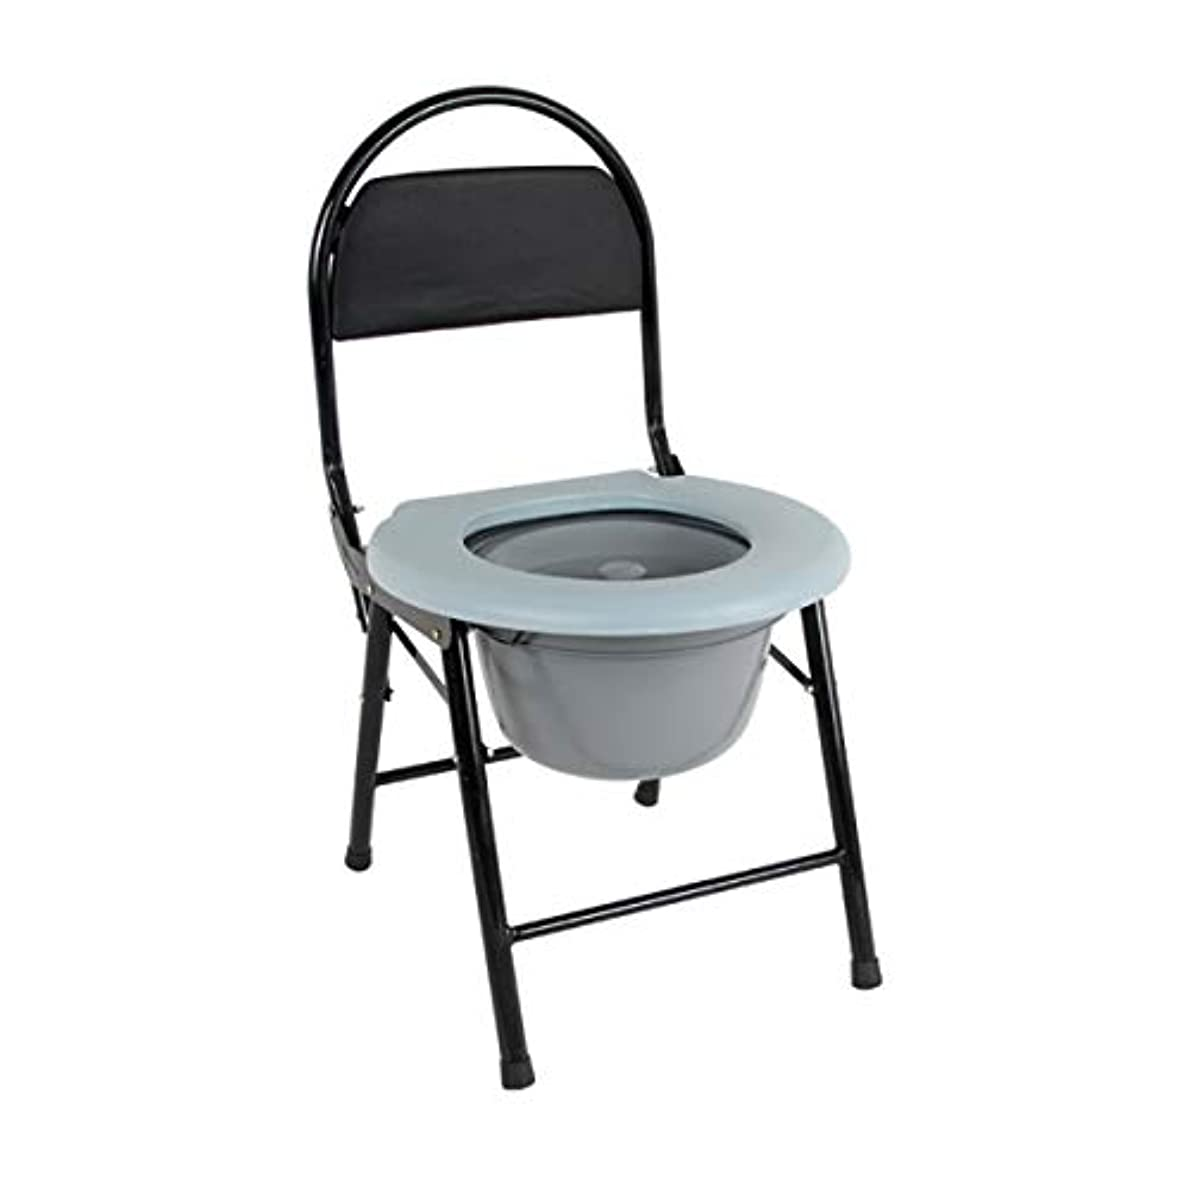 メドレーラベルおもしろいポータブル 便器 トイレ 折りたたみ 防災 簡易 便座 チェア タイプ 軽量 多機能 折畳可背もたれ 椅子 高齢者 介護用 浴室滑り止めシャワ多機能 コンパクト障害者用